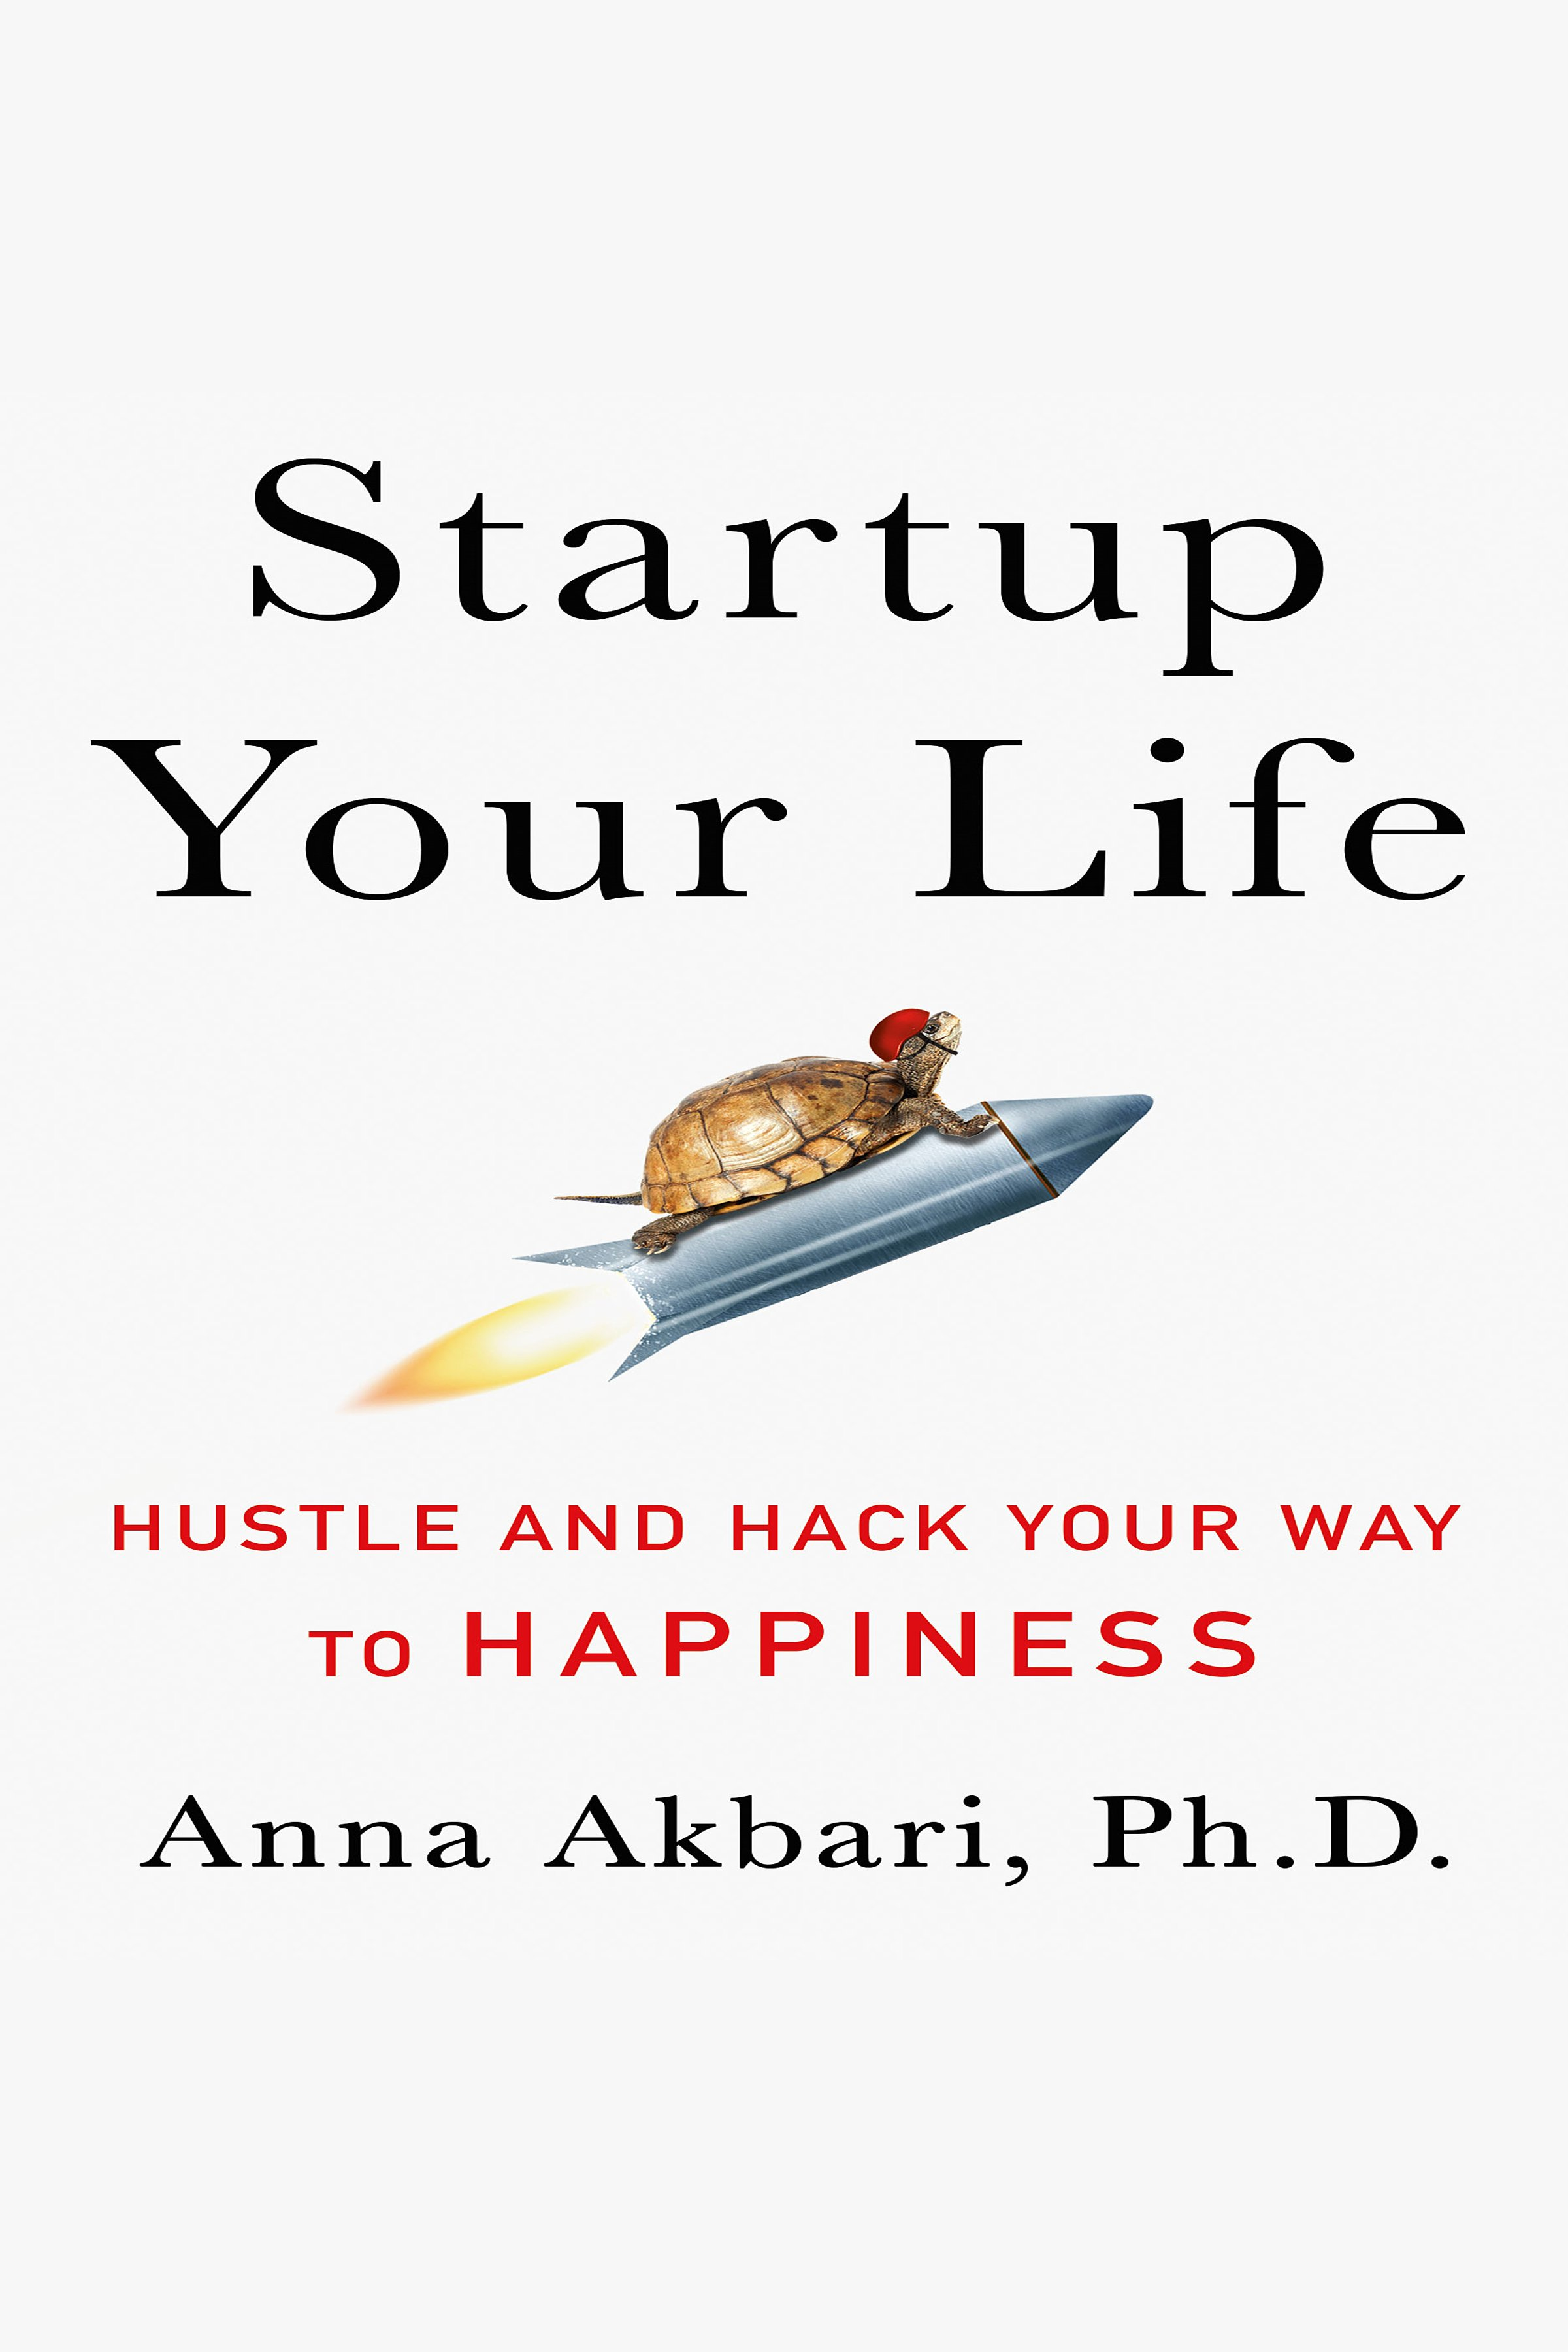 Esta es la portada del audiolibro Startup Your Life